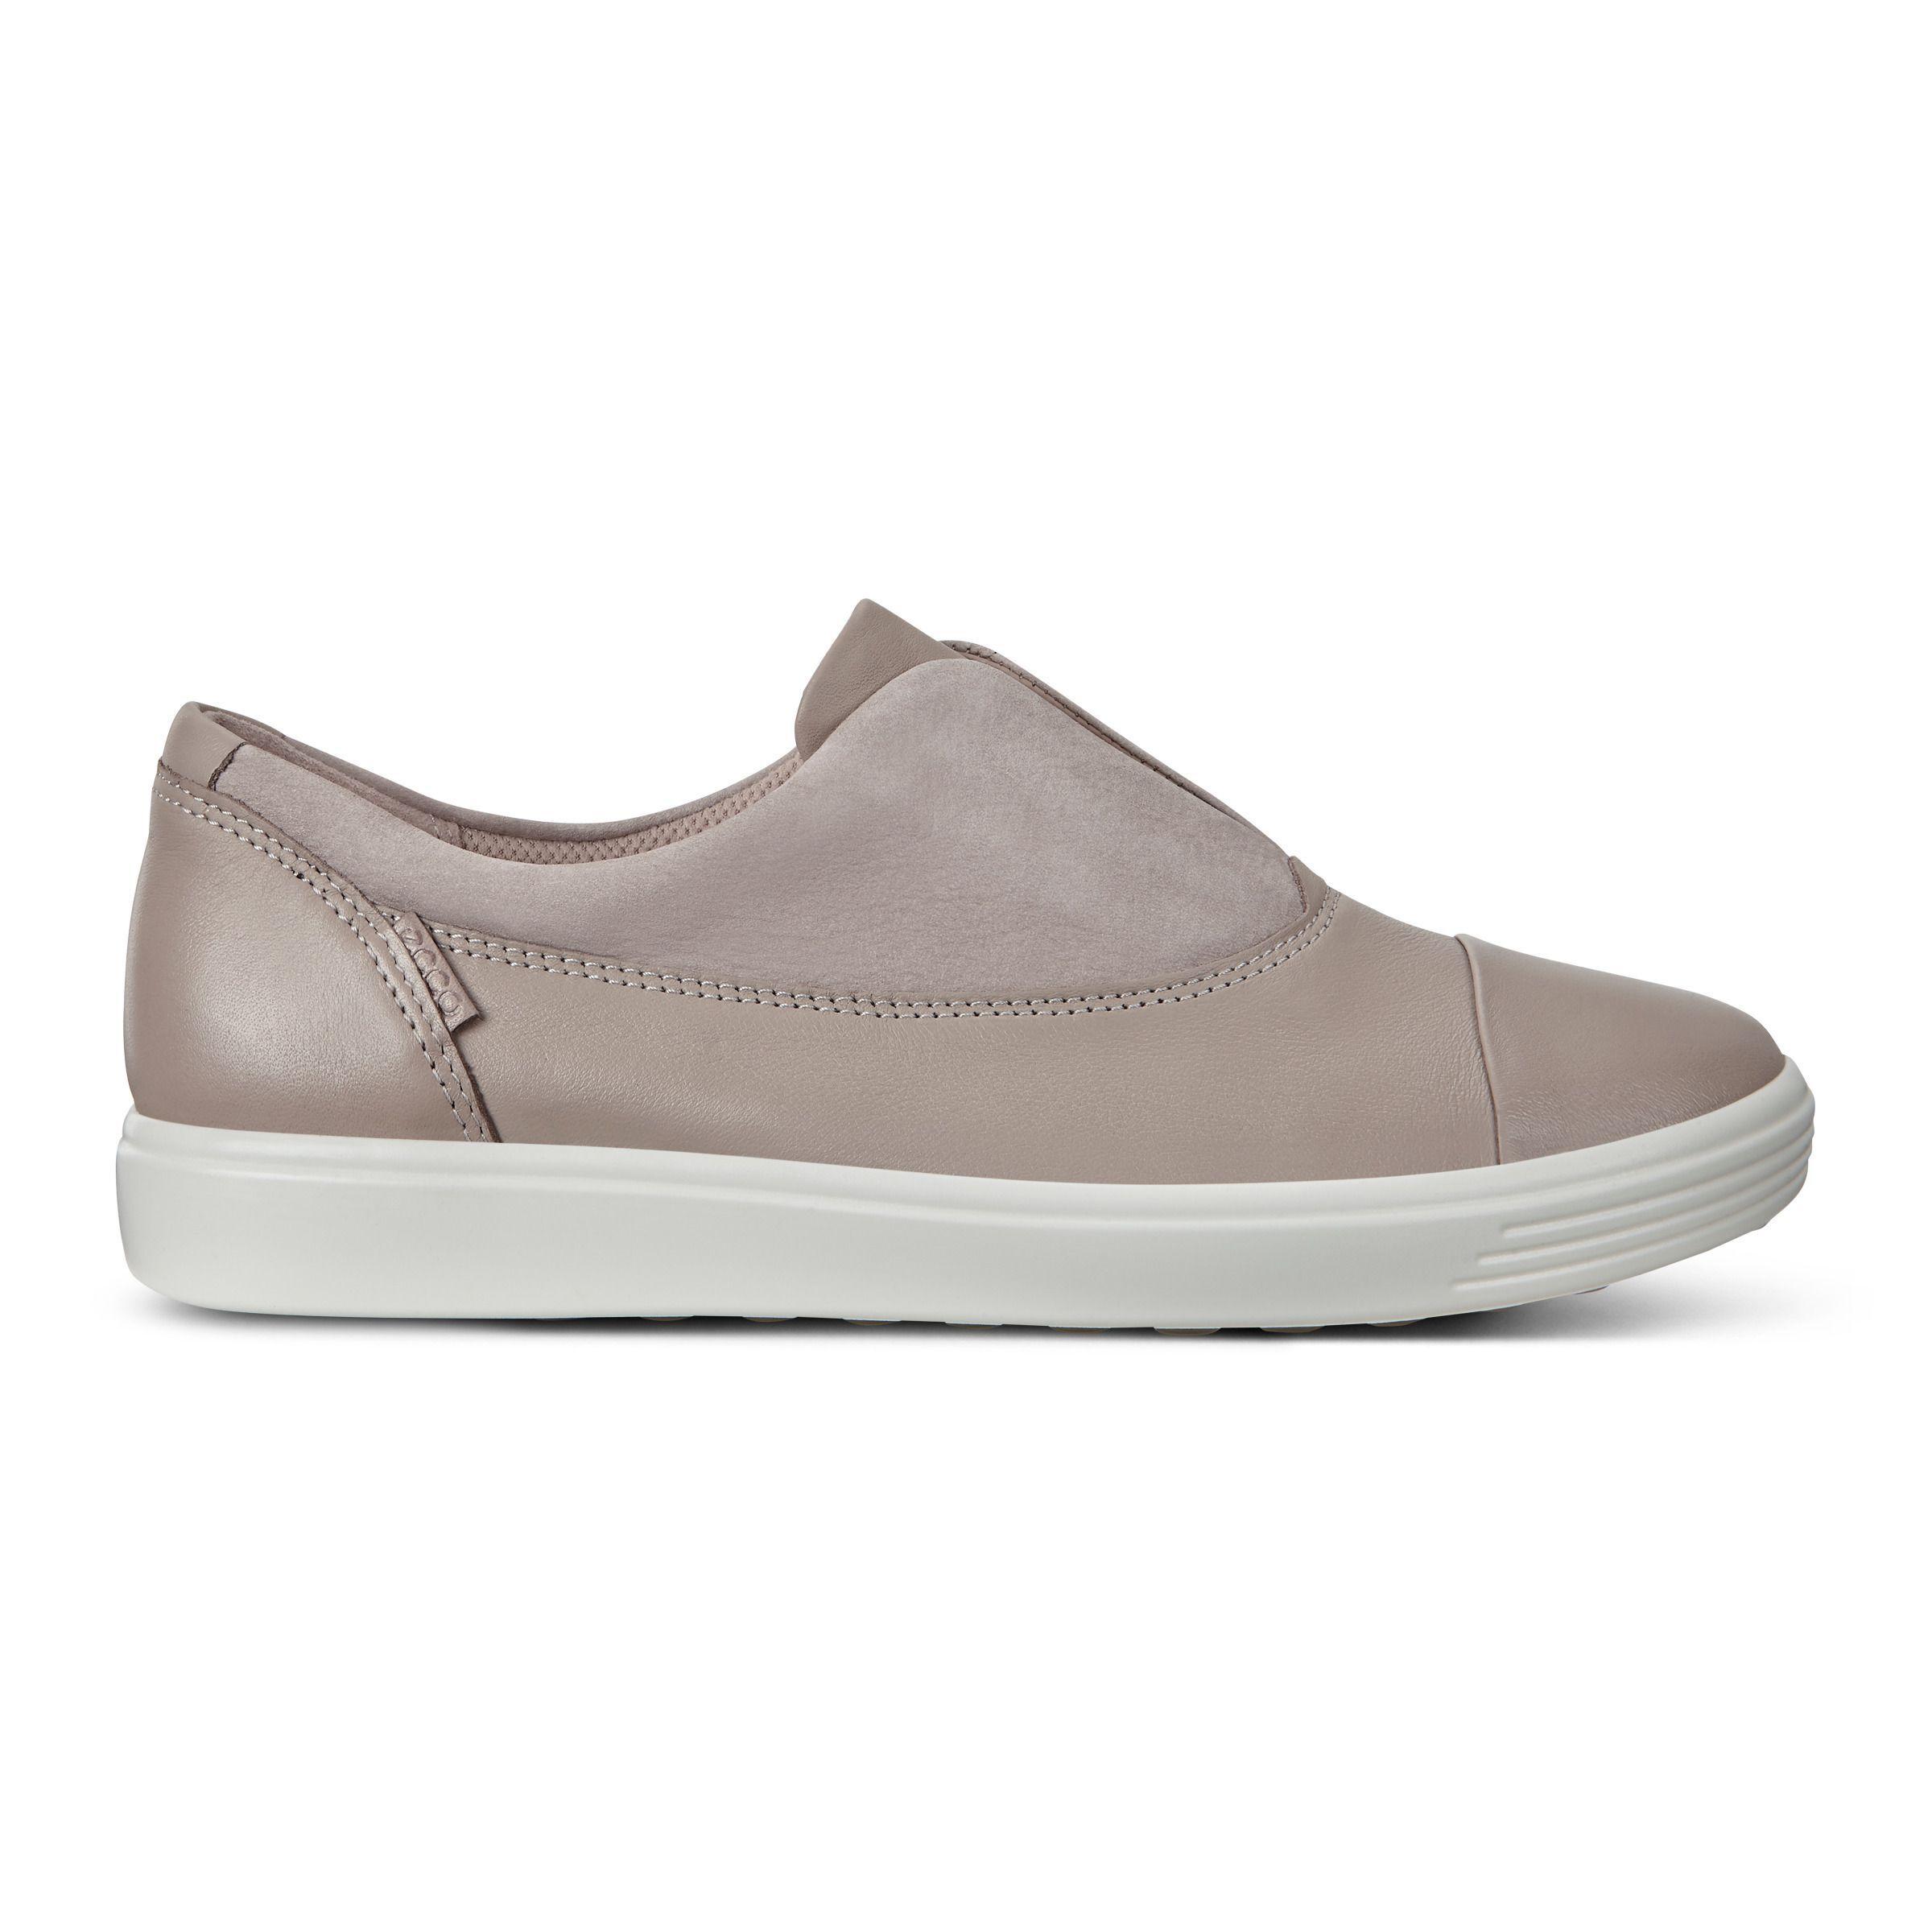 Women's Casual Shoes   ECCO® Shoes